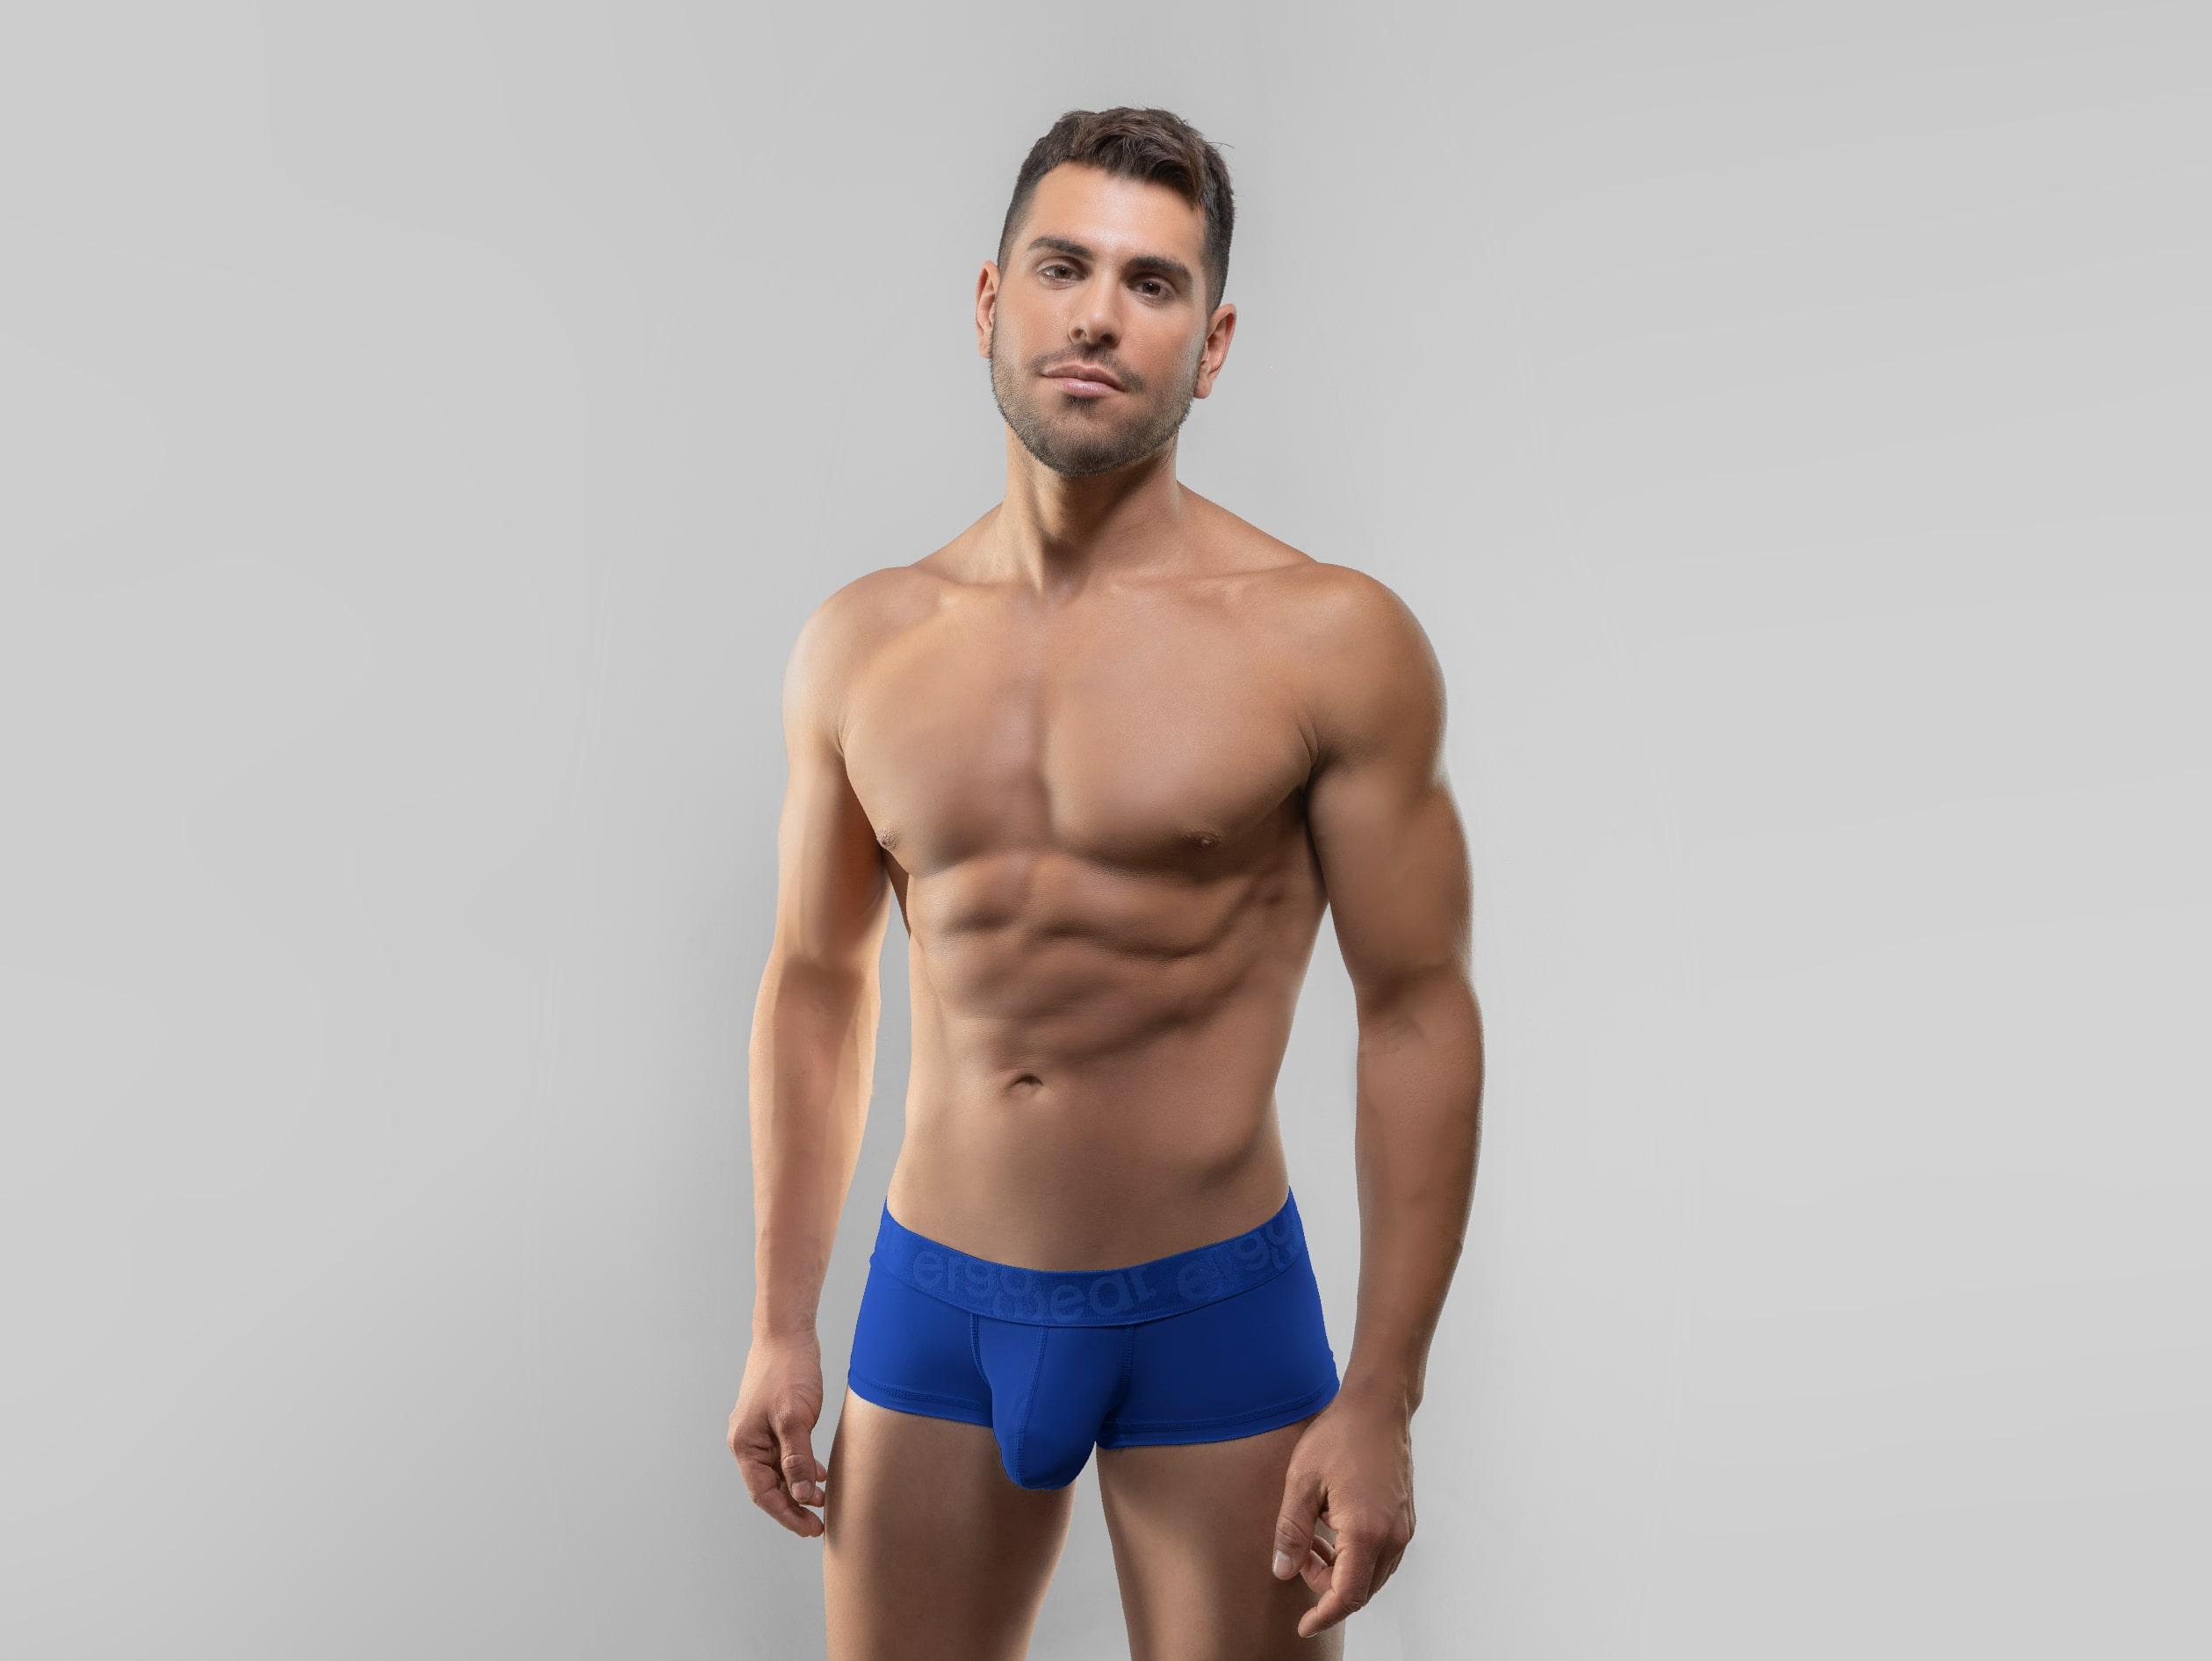 Quick Dry Underwear - Ergowear